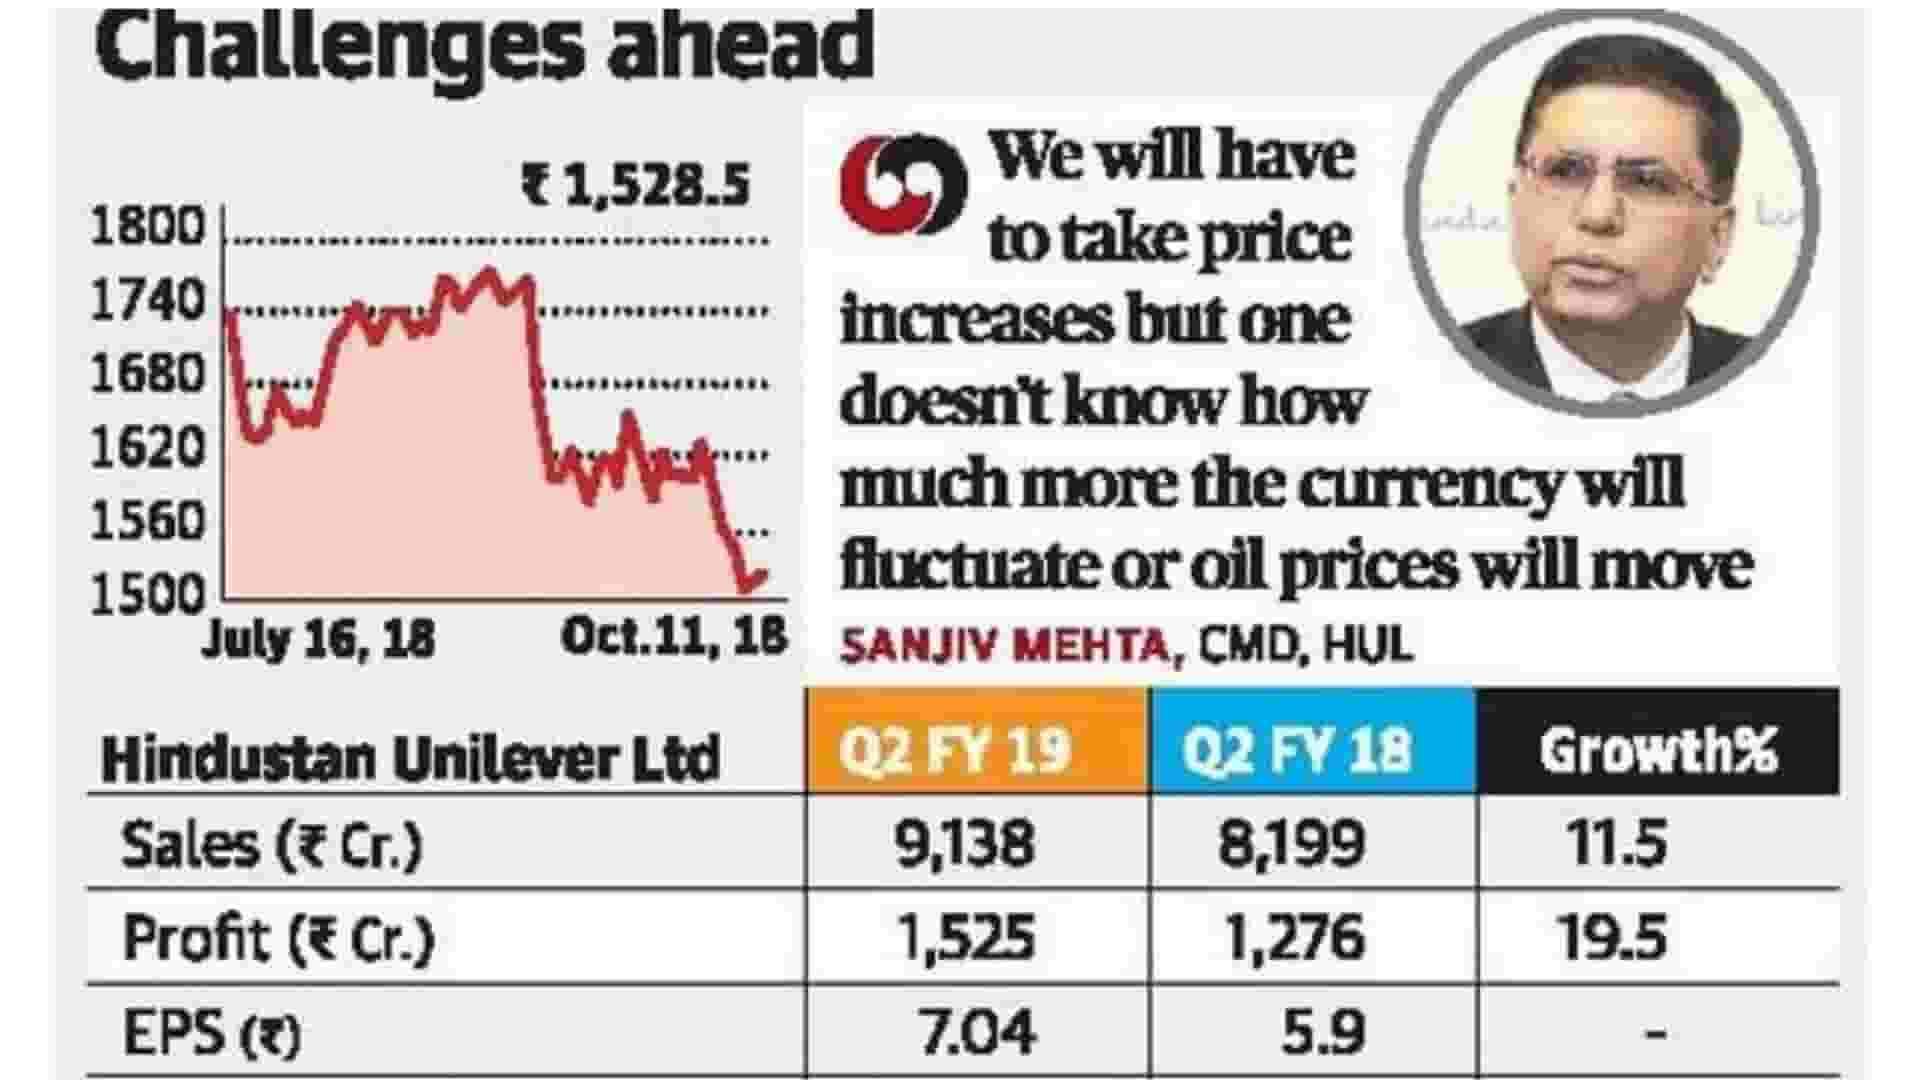 Challenges Ahead Of Hindustan Unilever